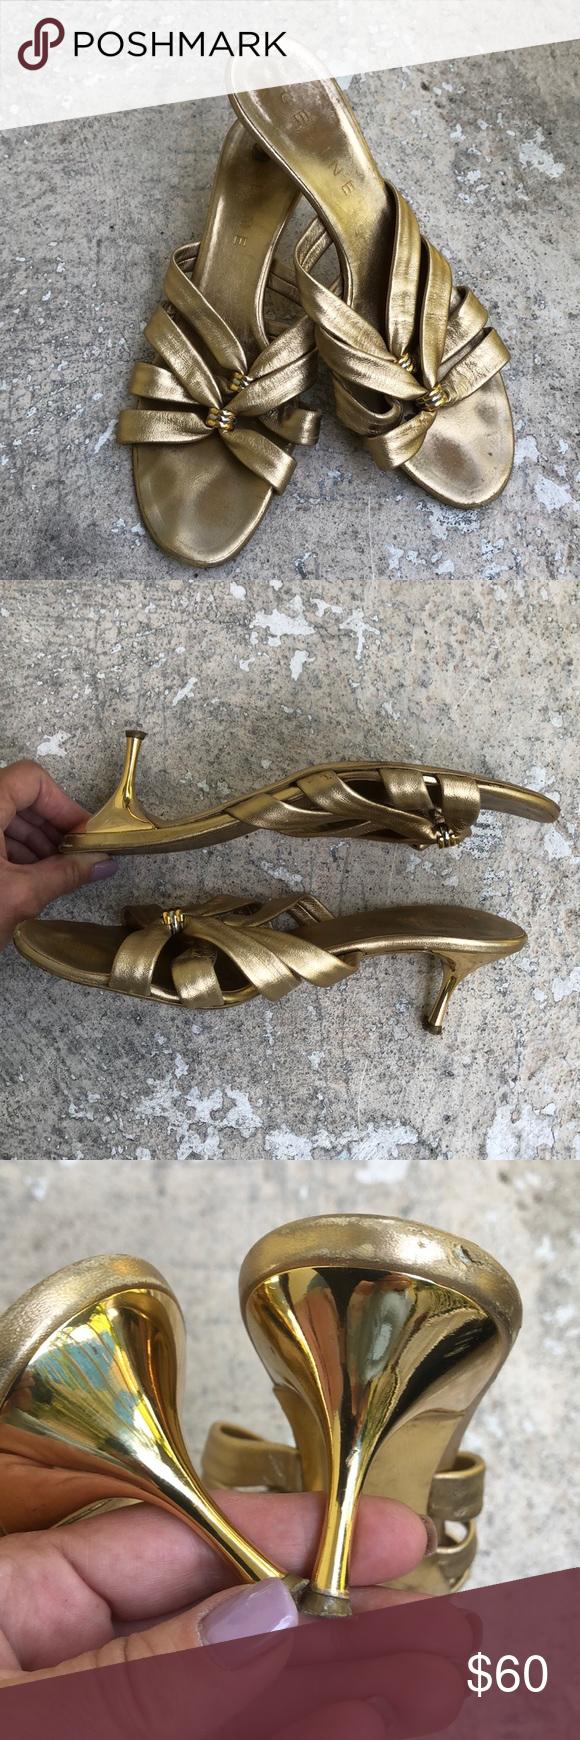 Celine Mules Gold Kitten Heels Mules Shoes Clogs Celine Shoes